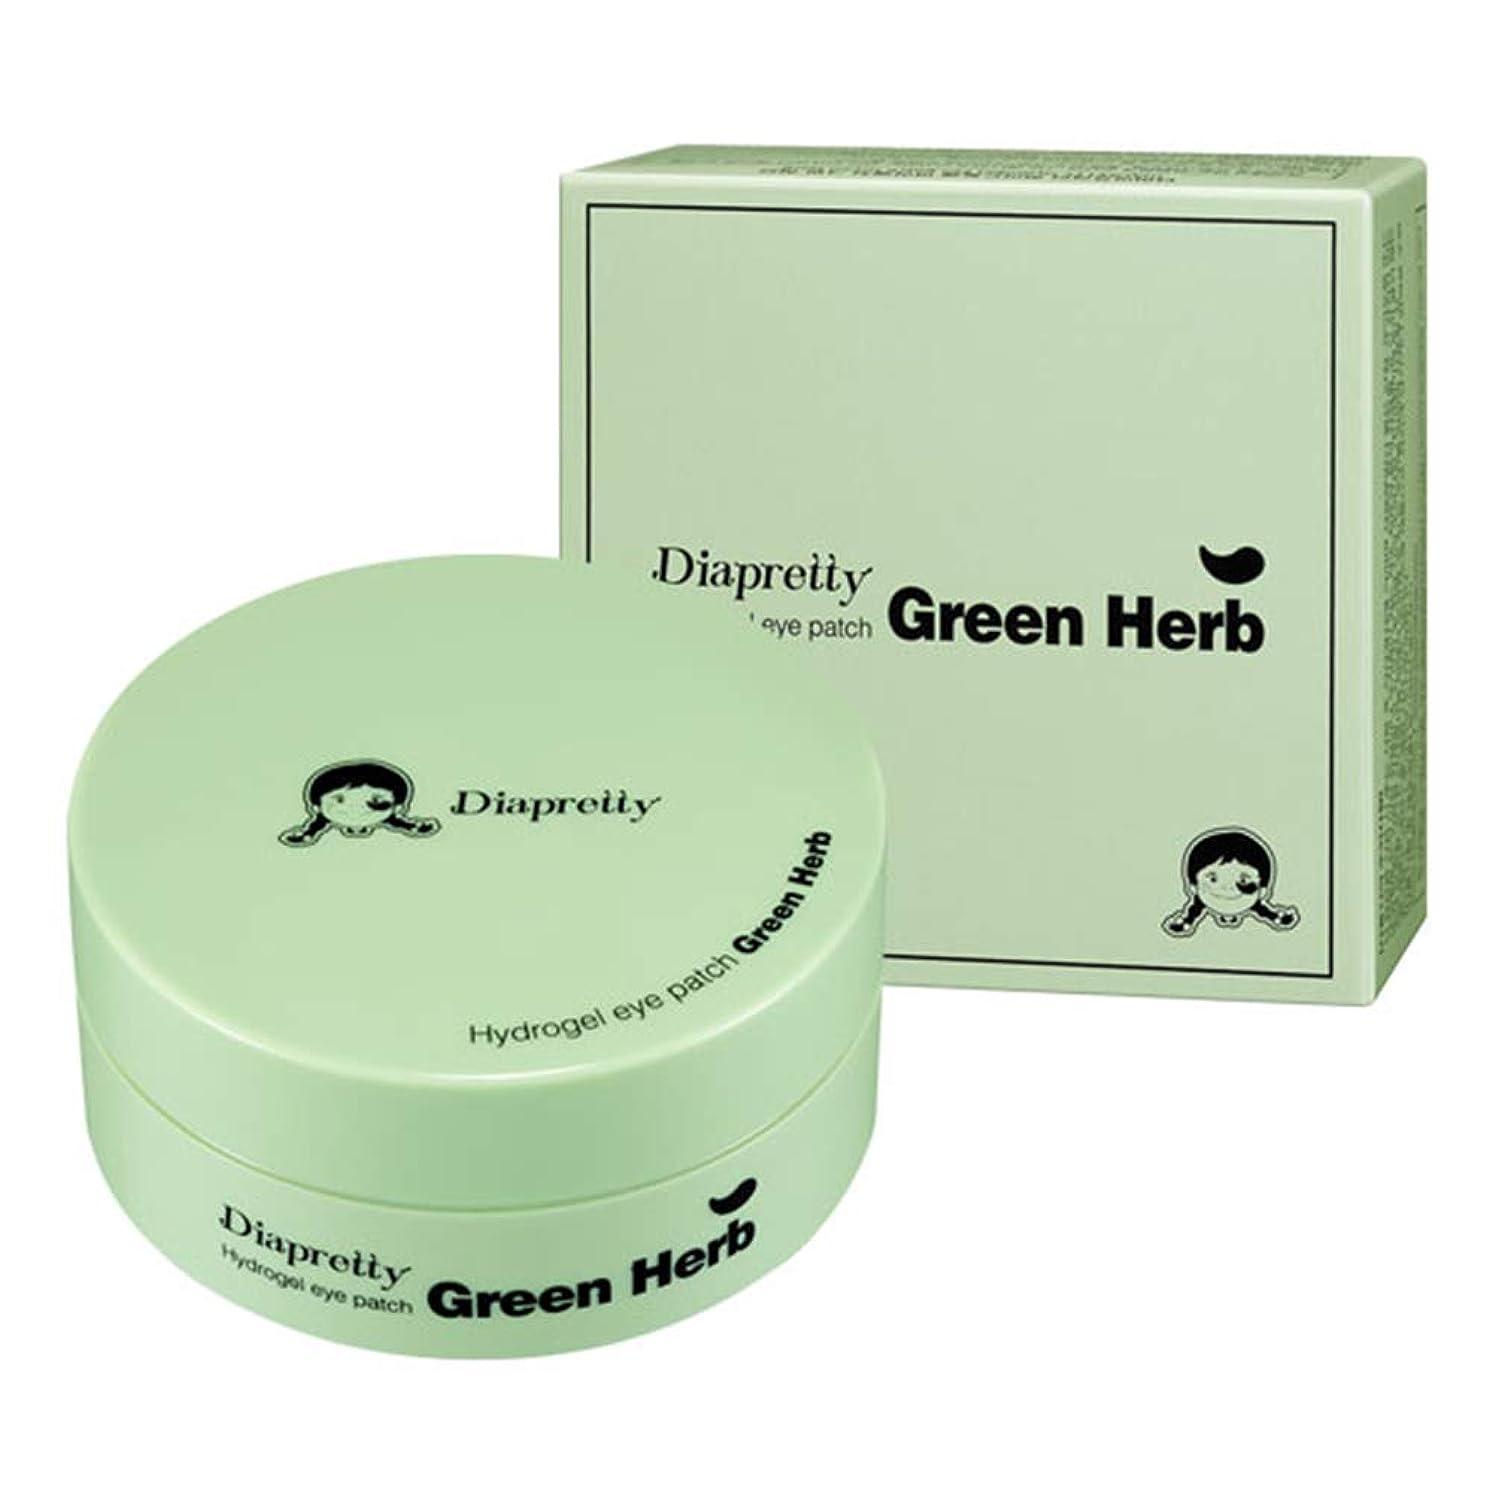 驚いたことにこんにちは対称[ダイアプリティ] ハイドロゲルア イパッチ (Greeen Herb) 60枚, [Diapretty] Hydrogel Eyepatch(Green Herb) 60pieces